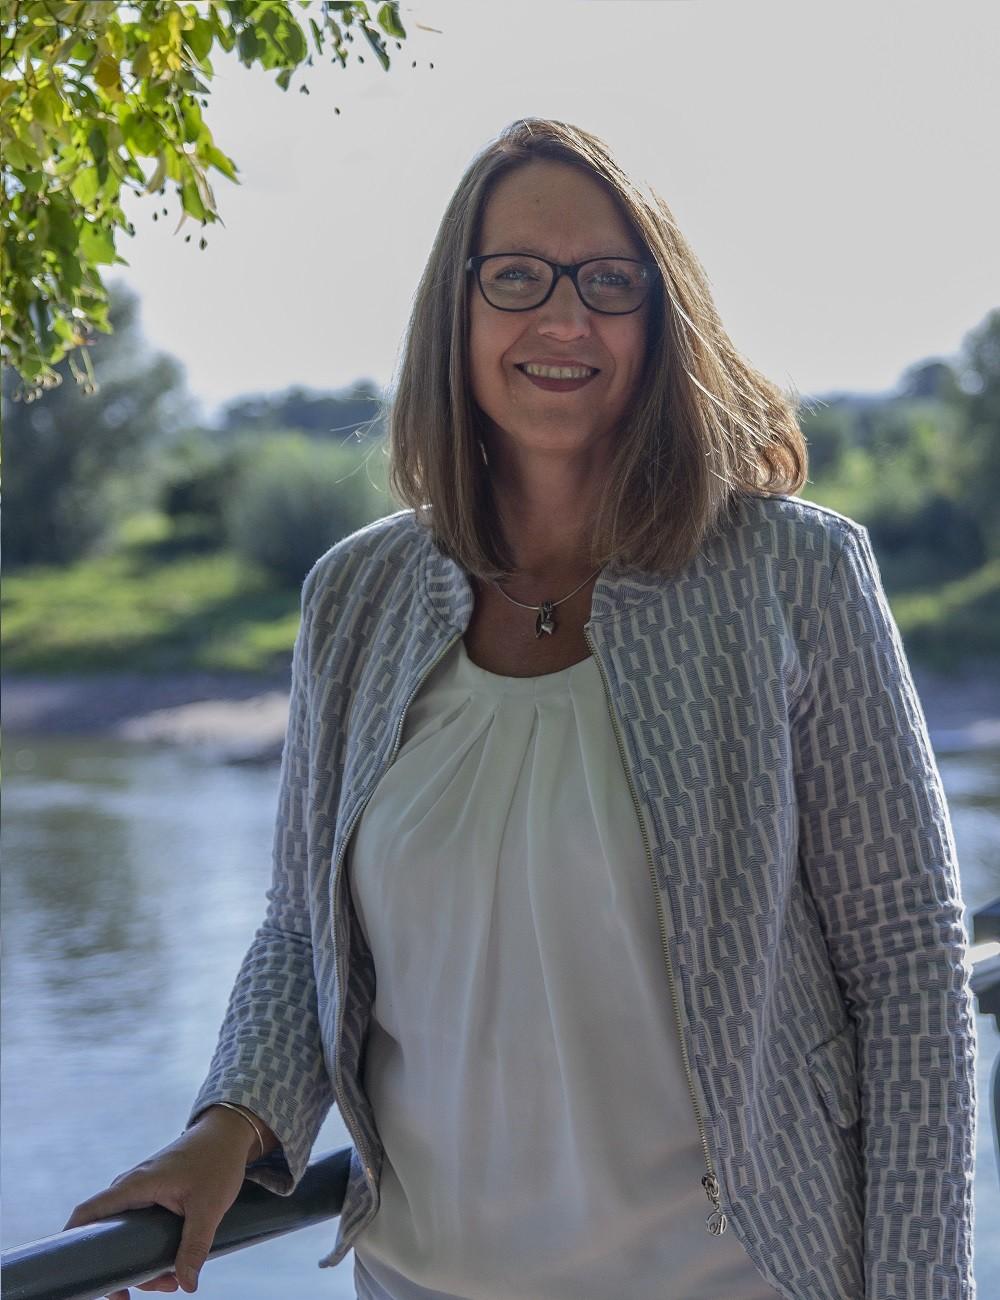 Mandy Brinkhuis